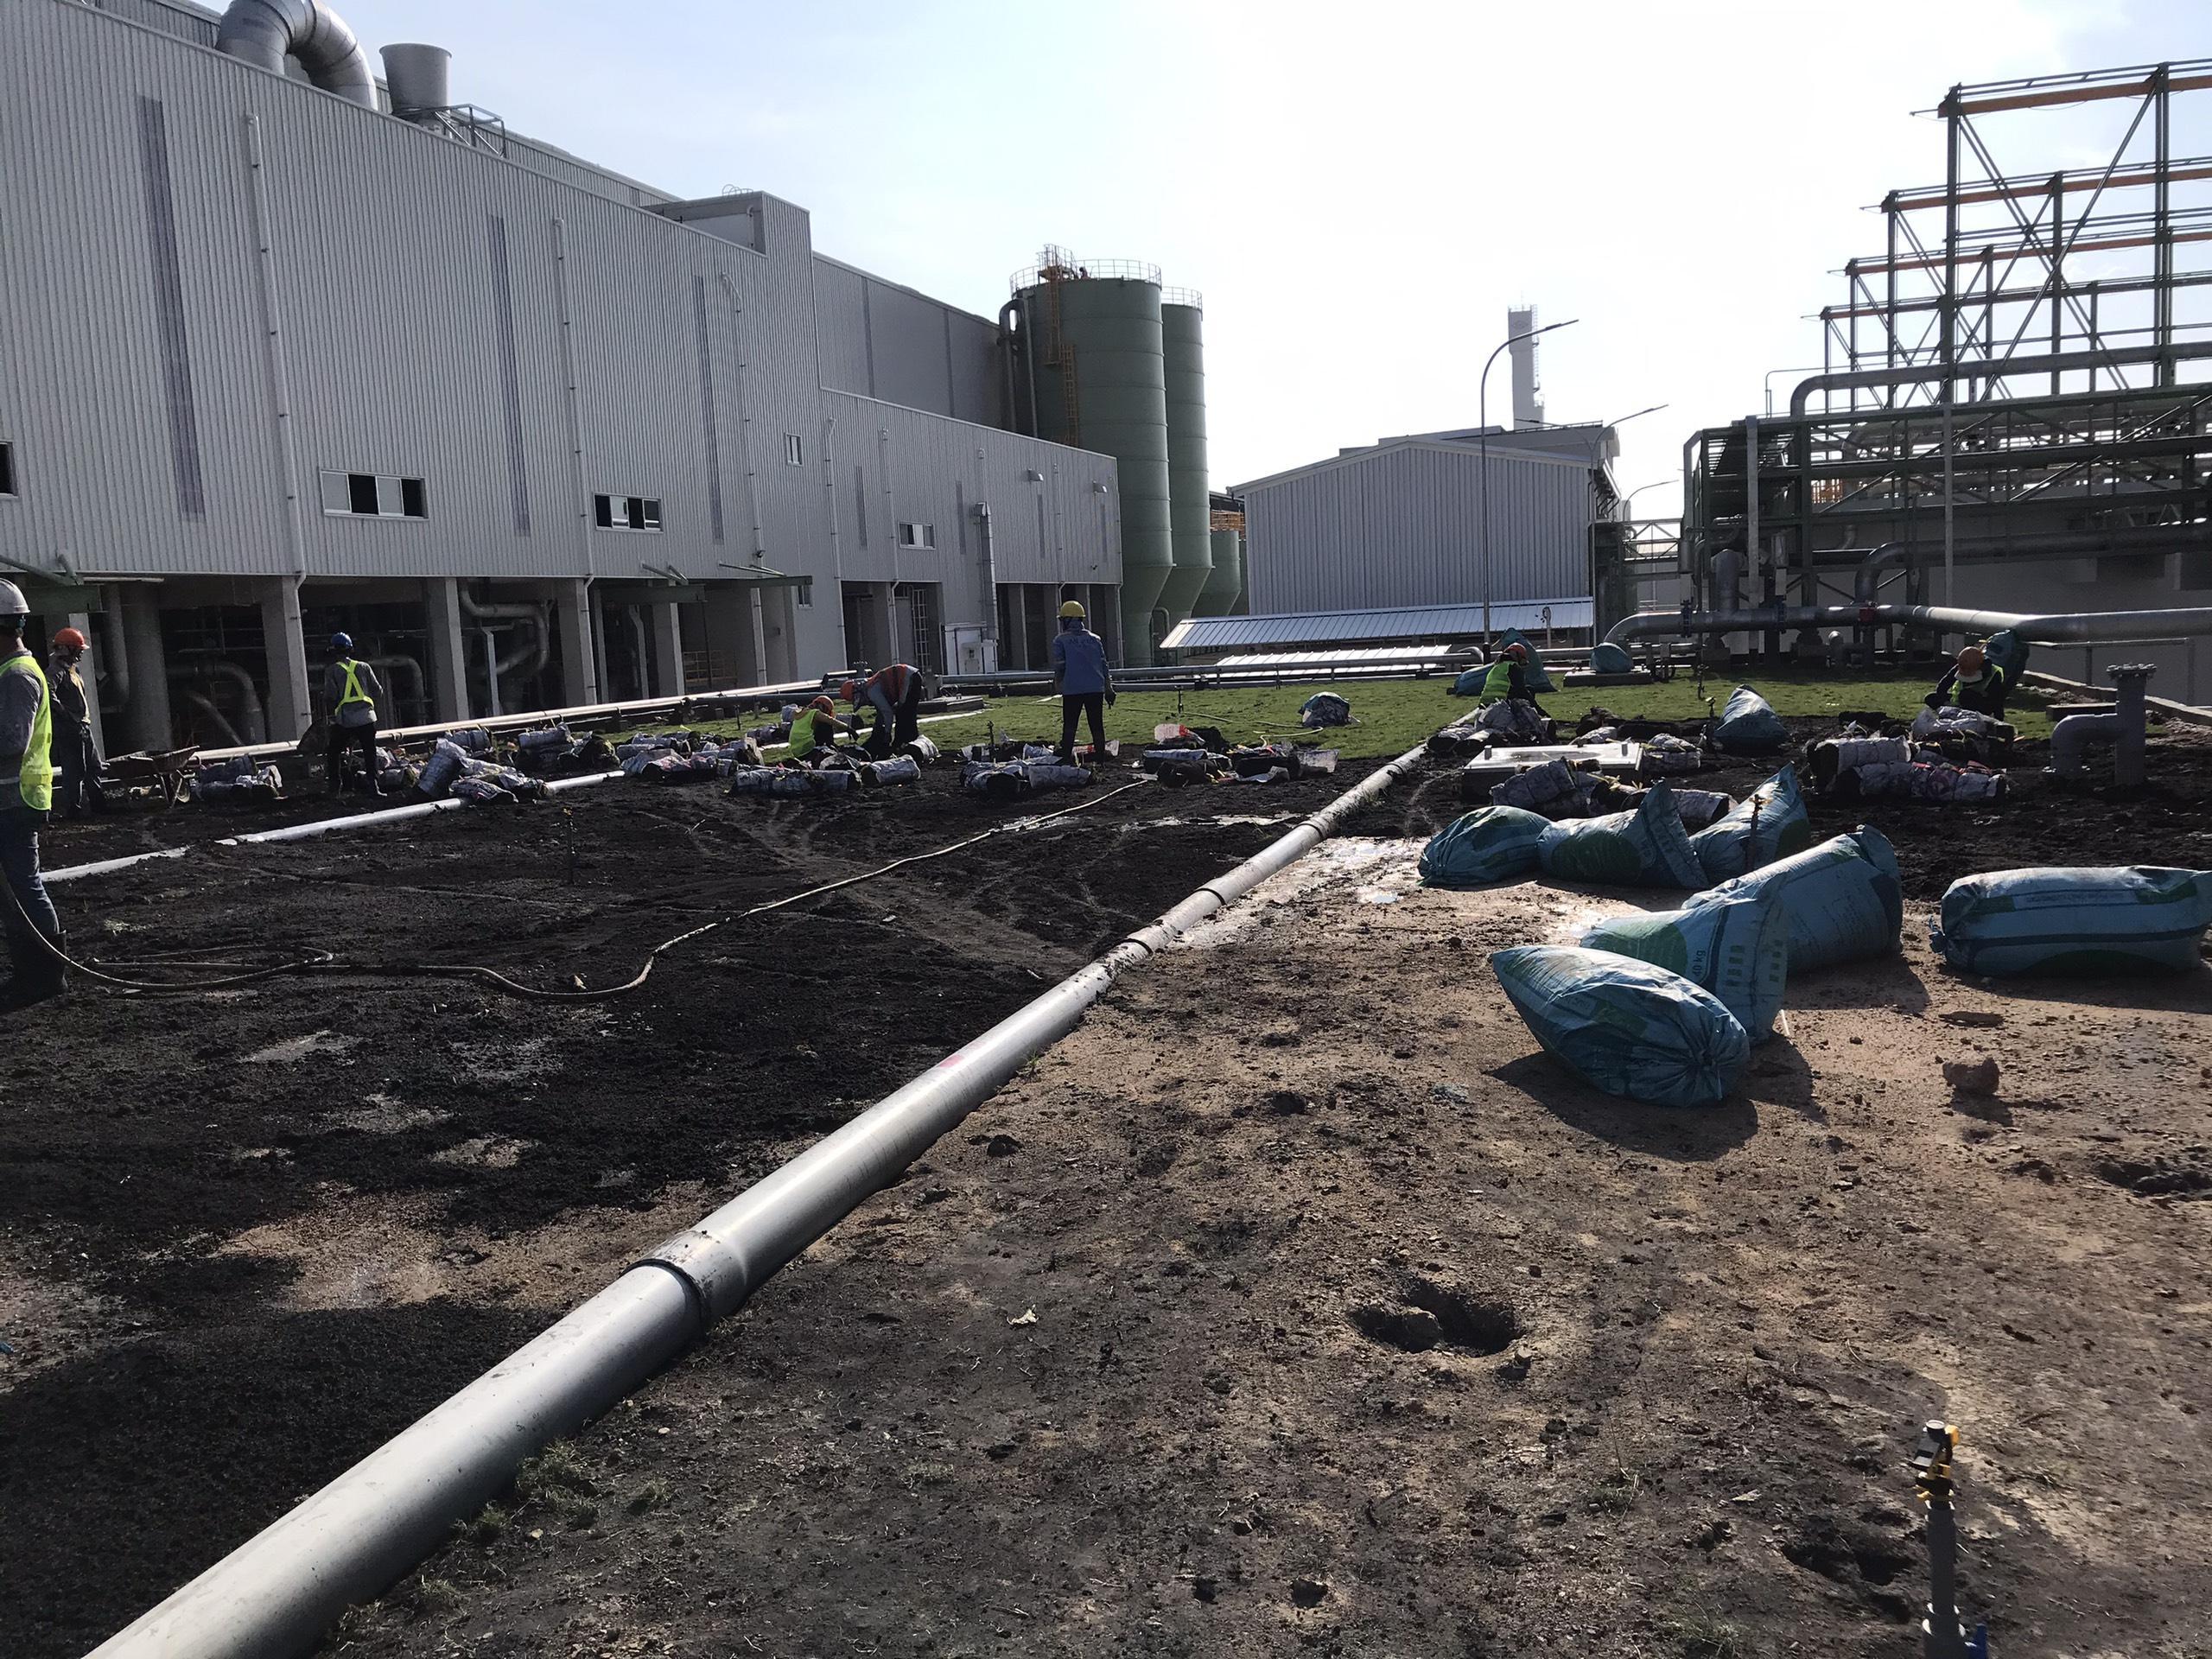 Thực hiện trồng cỏ với nhân viên Ngoại Thất Xanh tại khu công nghiệp Bình Đường